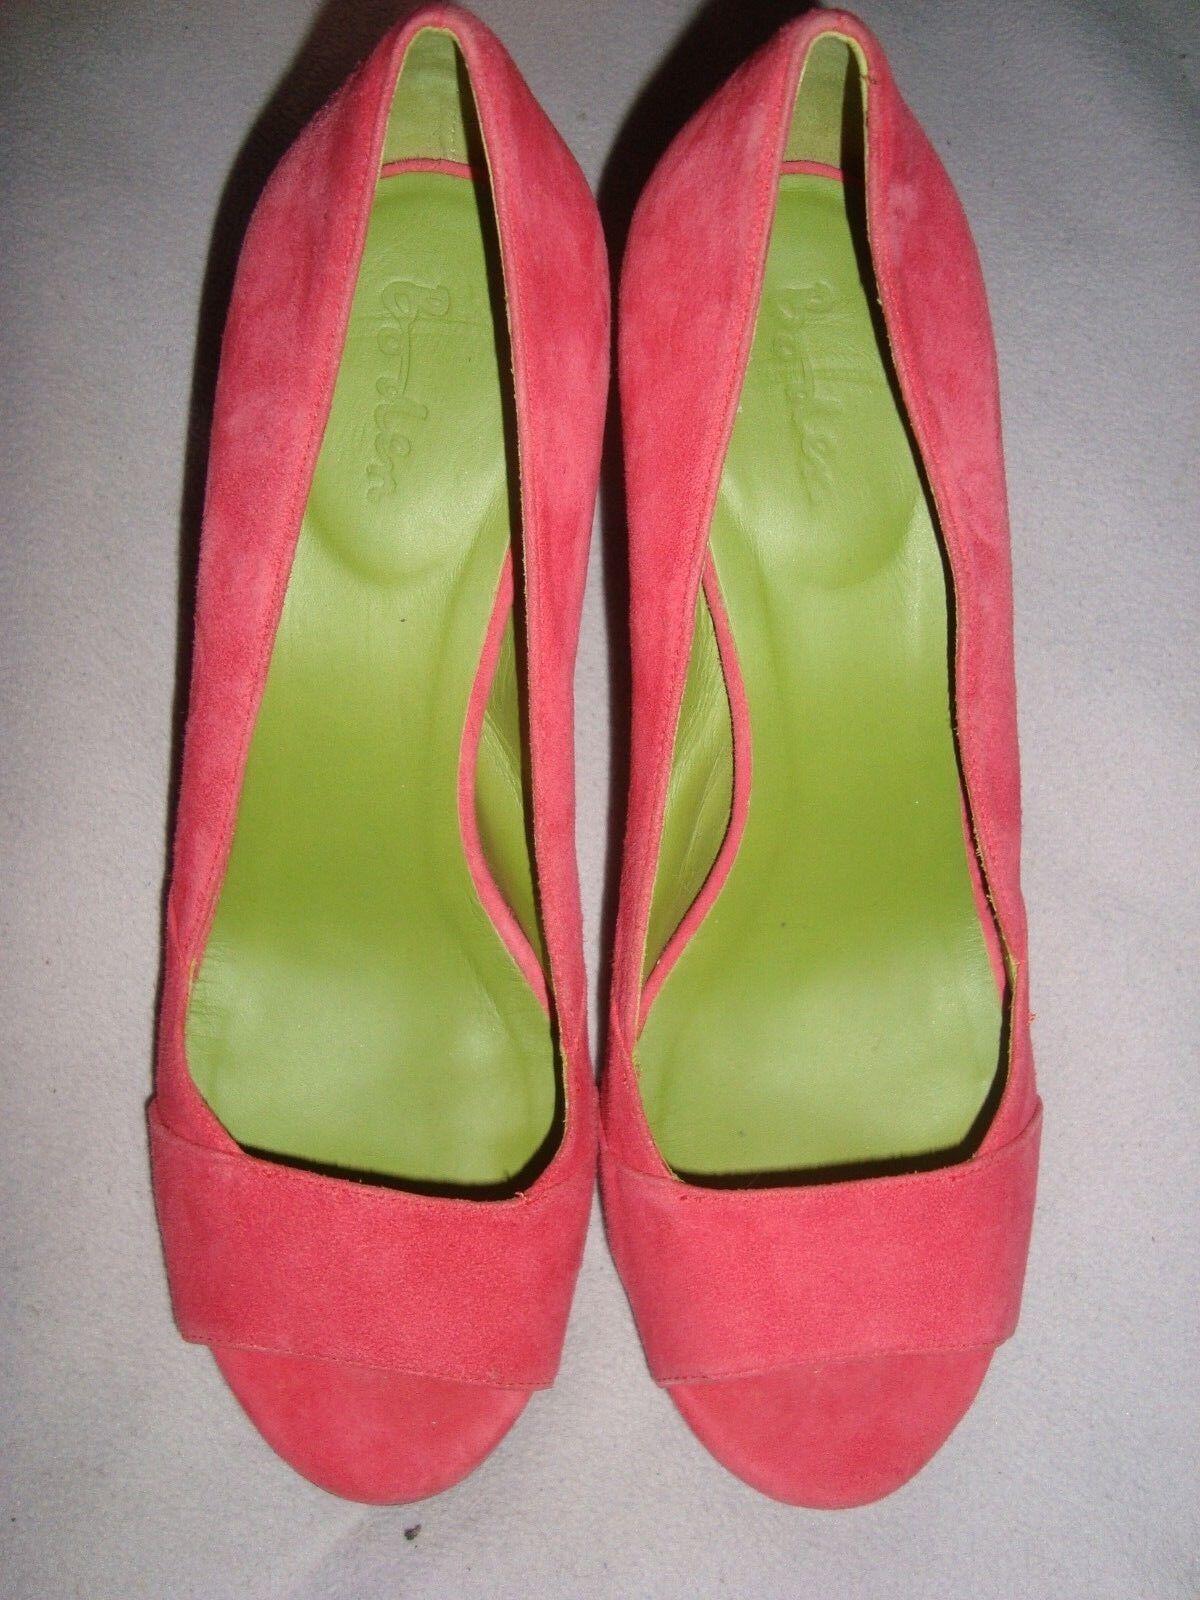 Boden UK 7.5 EU 41 41 41 rosadodo fucsia gamuza Peep Toes Zapatos Rrp  bienvenido a orden